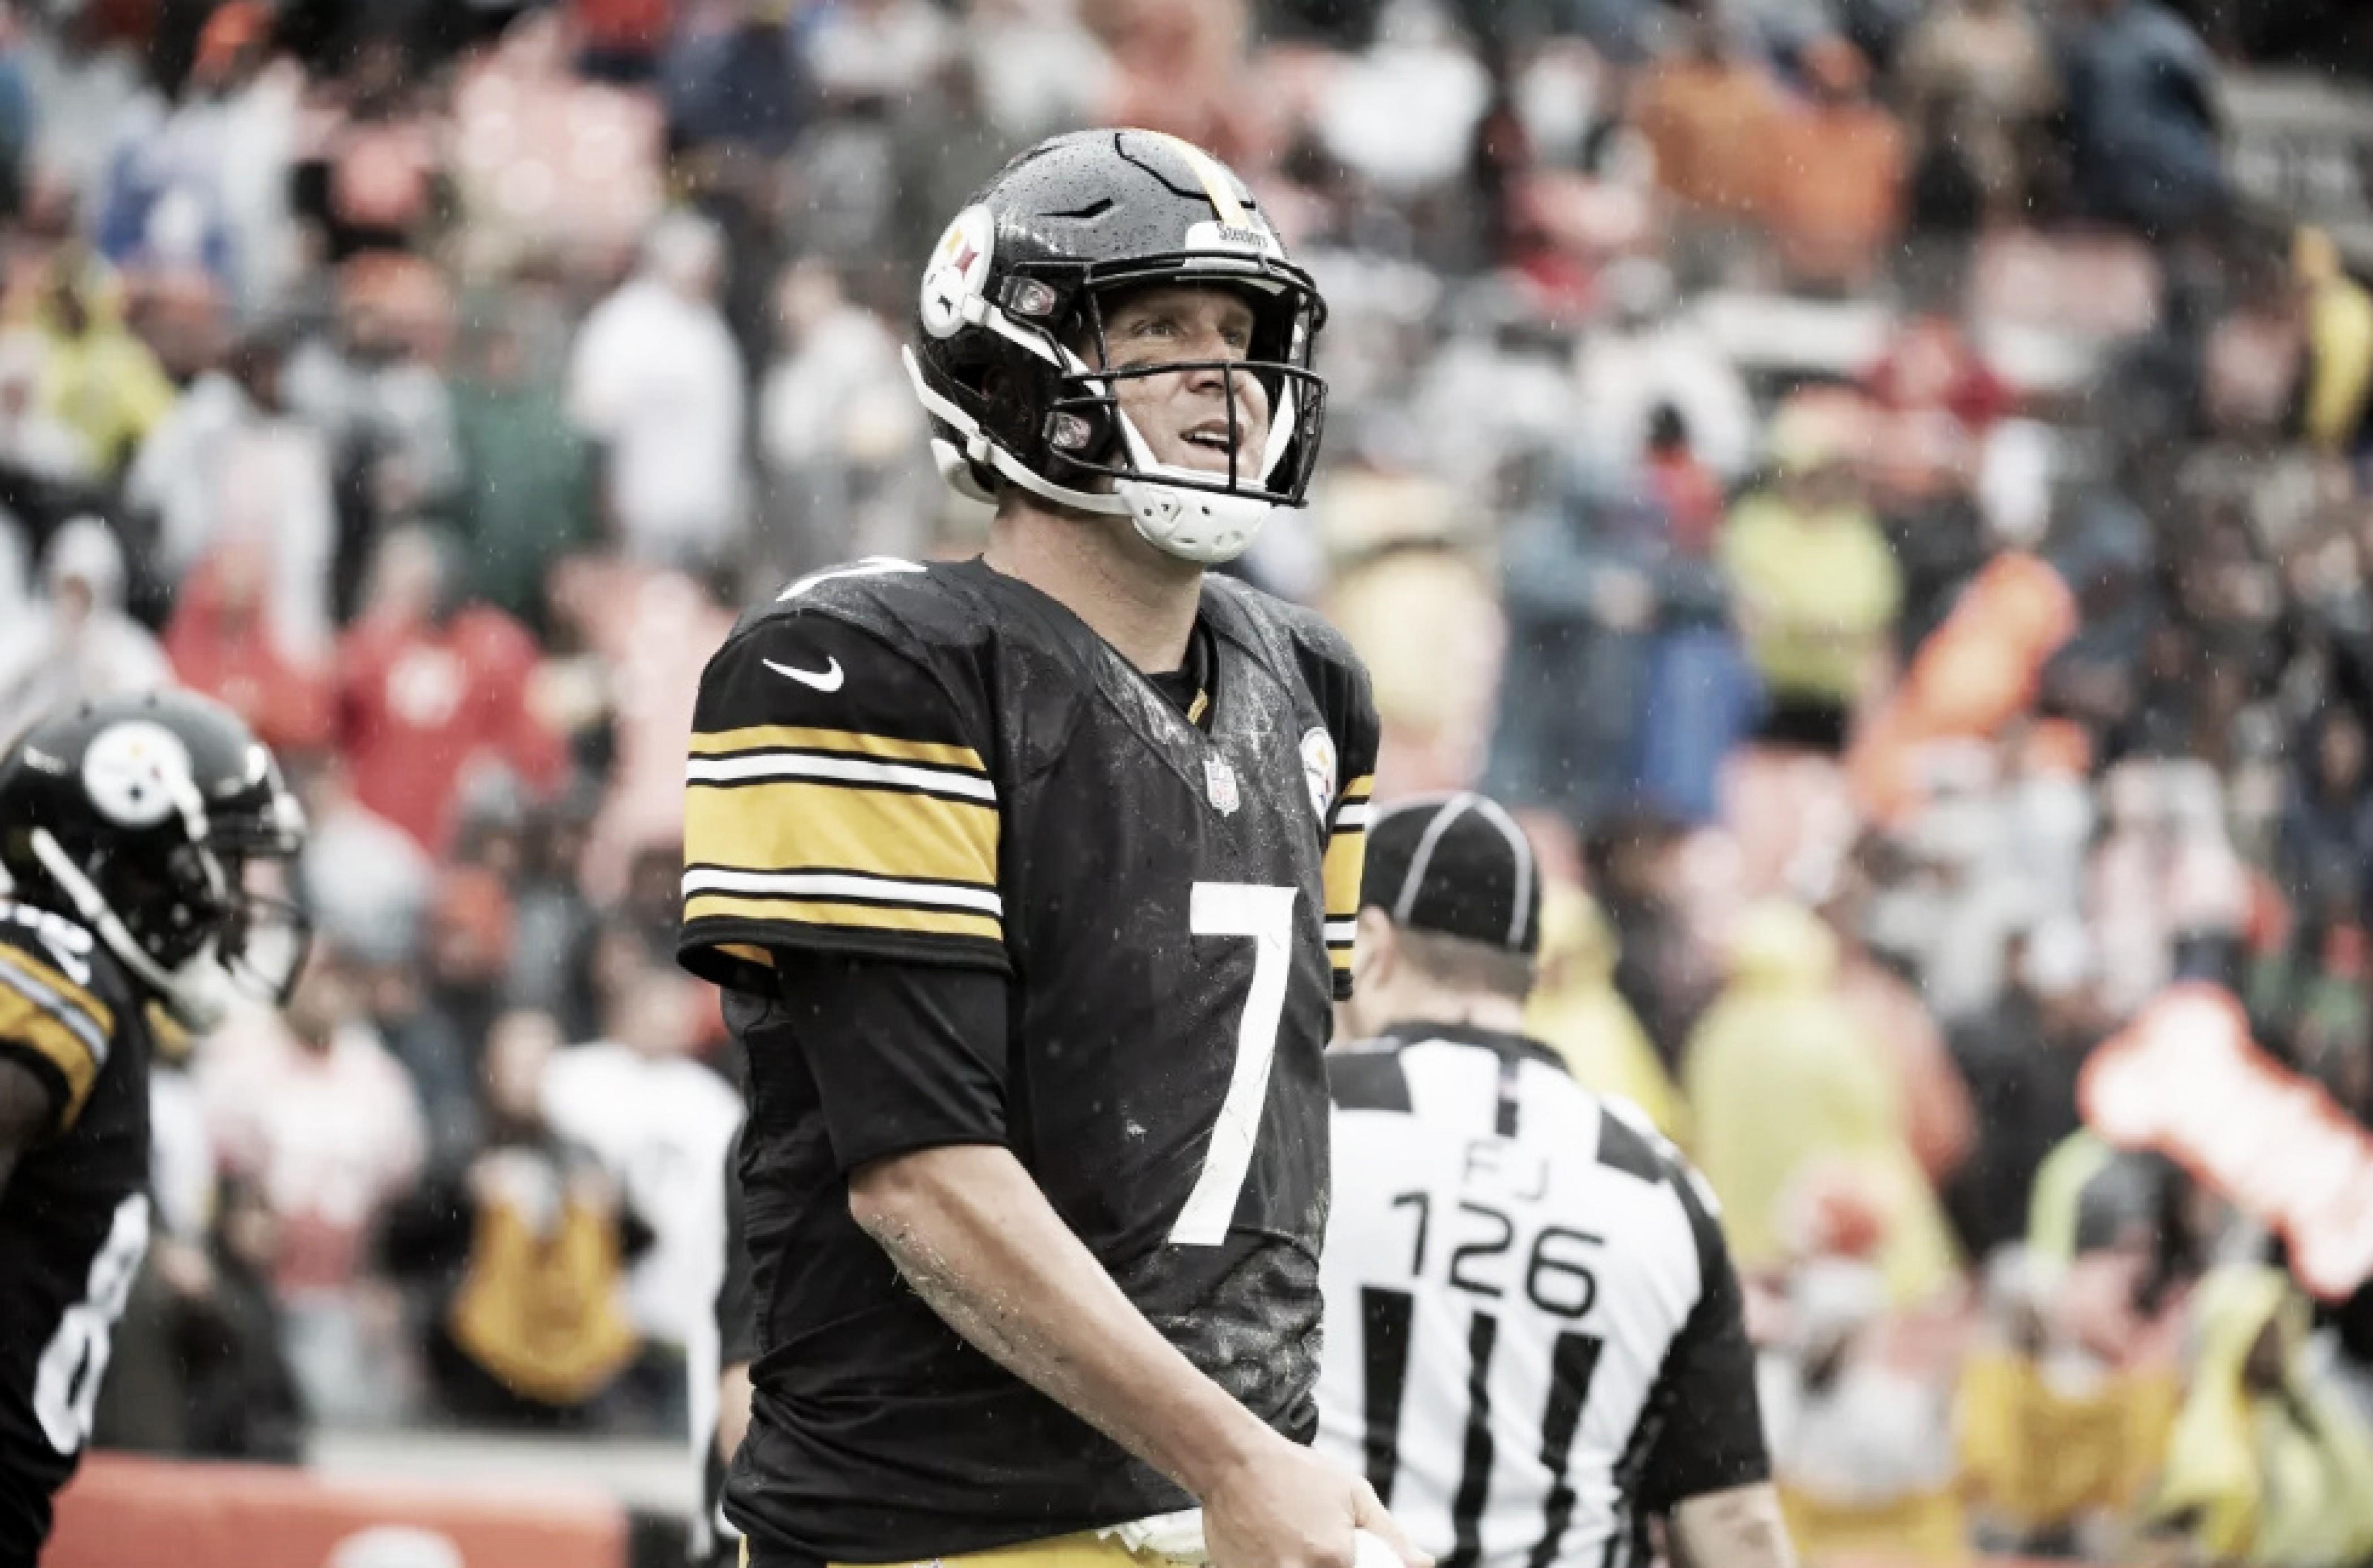 Mesmo com lesão diagnosticada no cotovelo, Big Ben acredita que pode atuar pelo Steelers no domingo